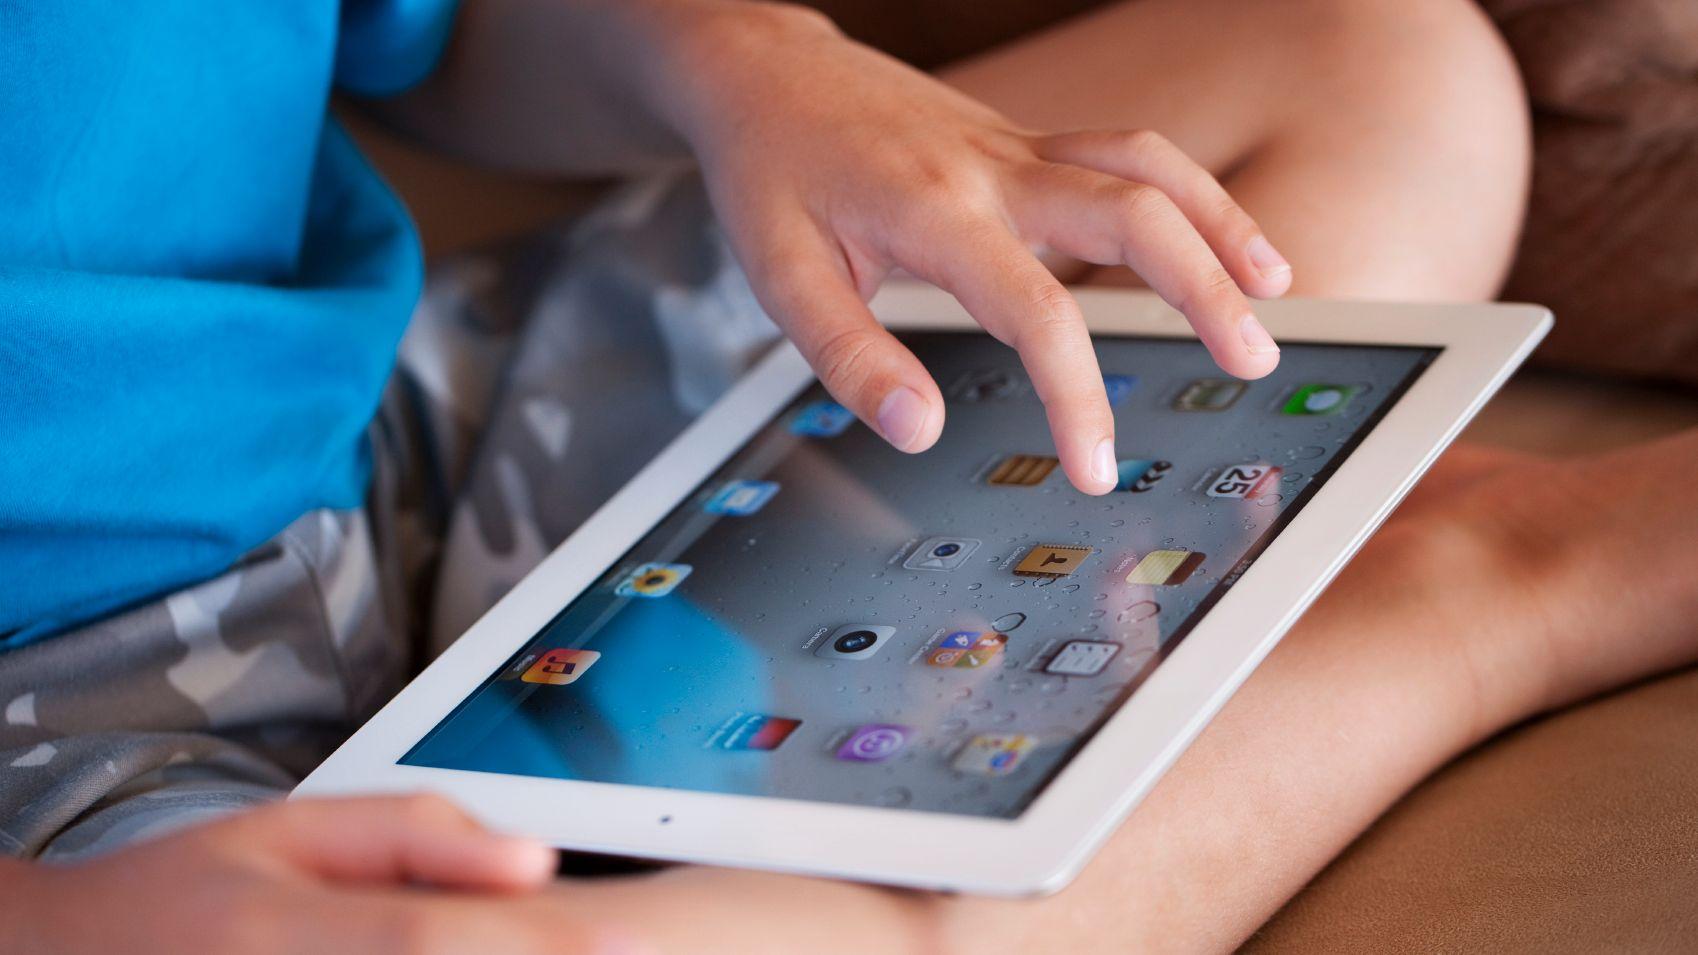 Slik så iPad ut åtte år før lanseringen